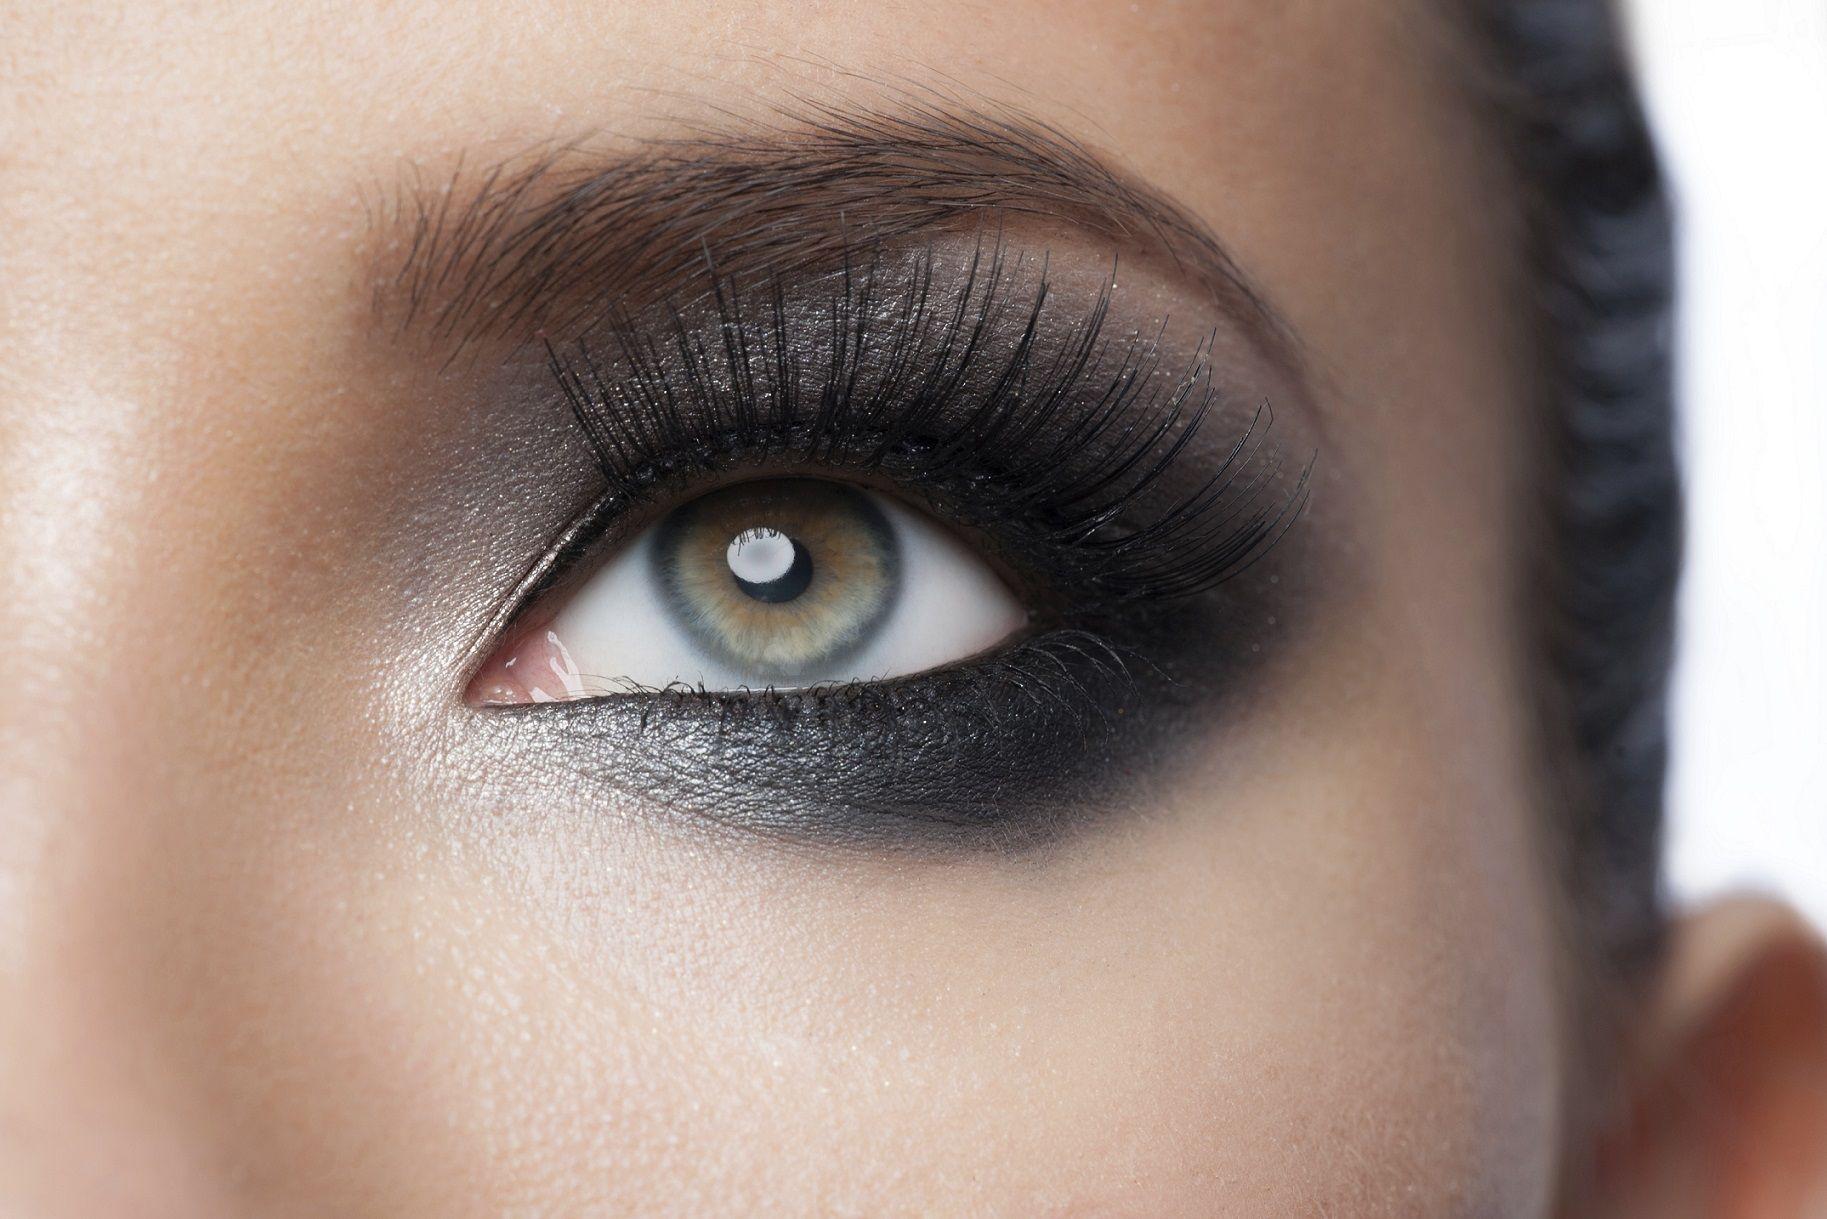 Tecnica make-up occhi: cosa è corretto e cosa è sbagliato (video)